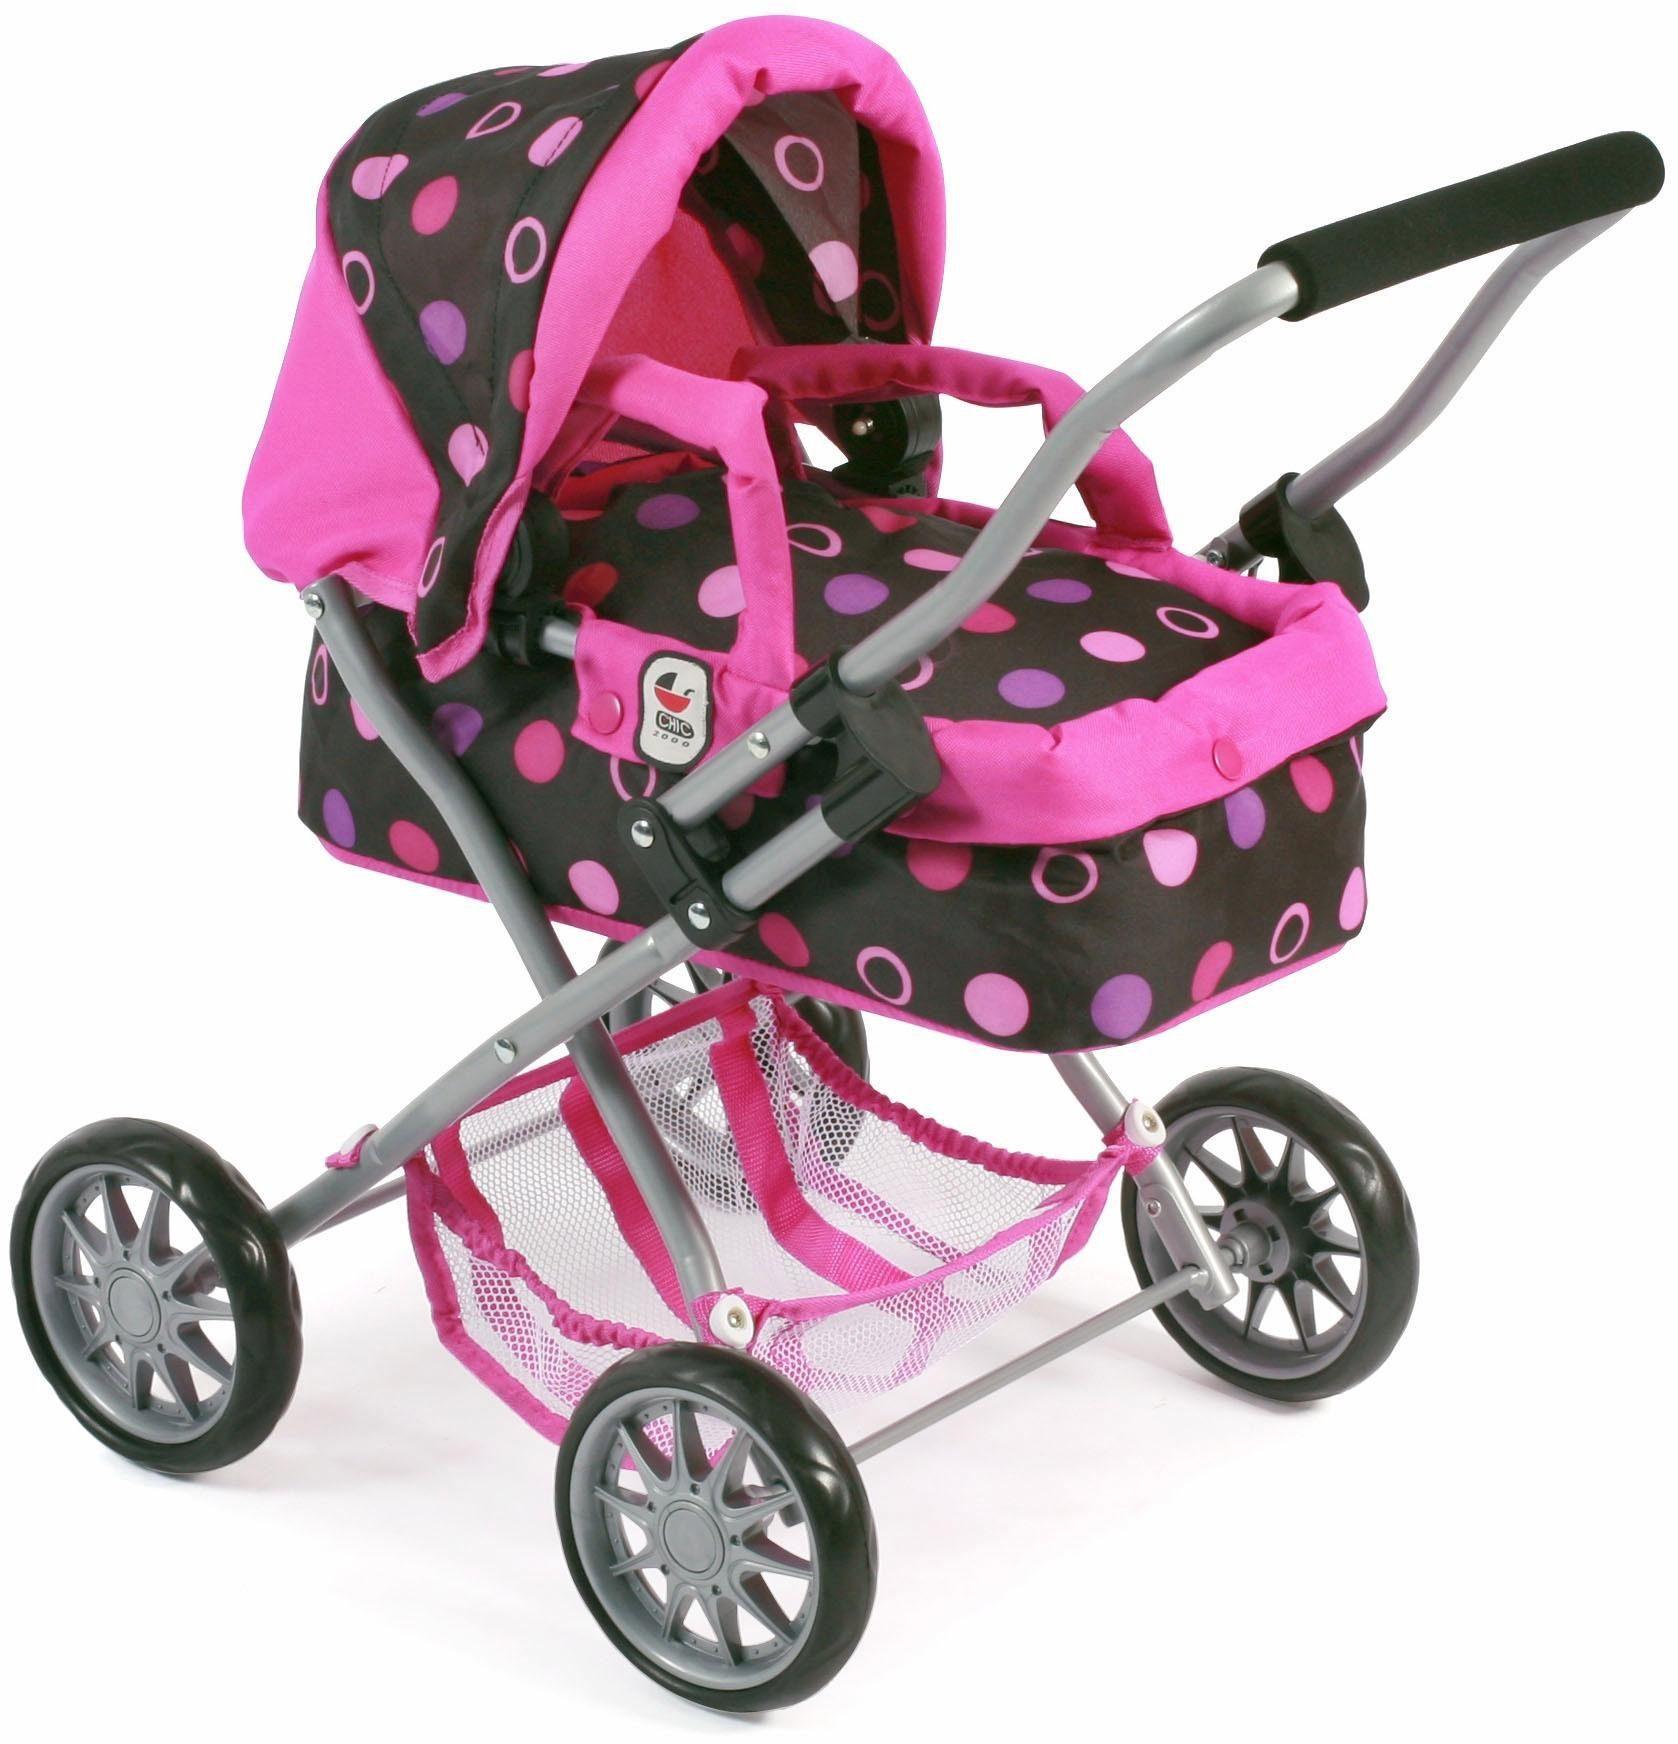 CHIC2000 Mini Puppenwagen mit herausnehmbarer Tragetasche, »Smarty, schwarz pink«